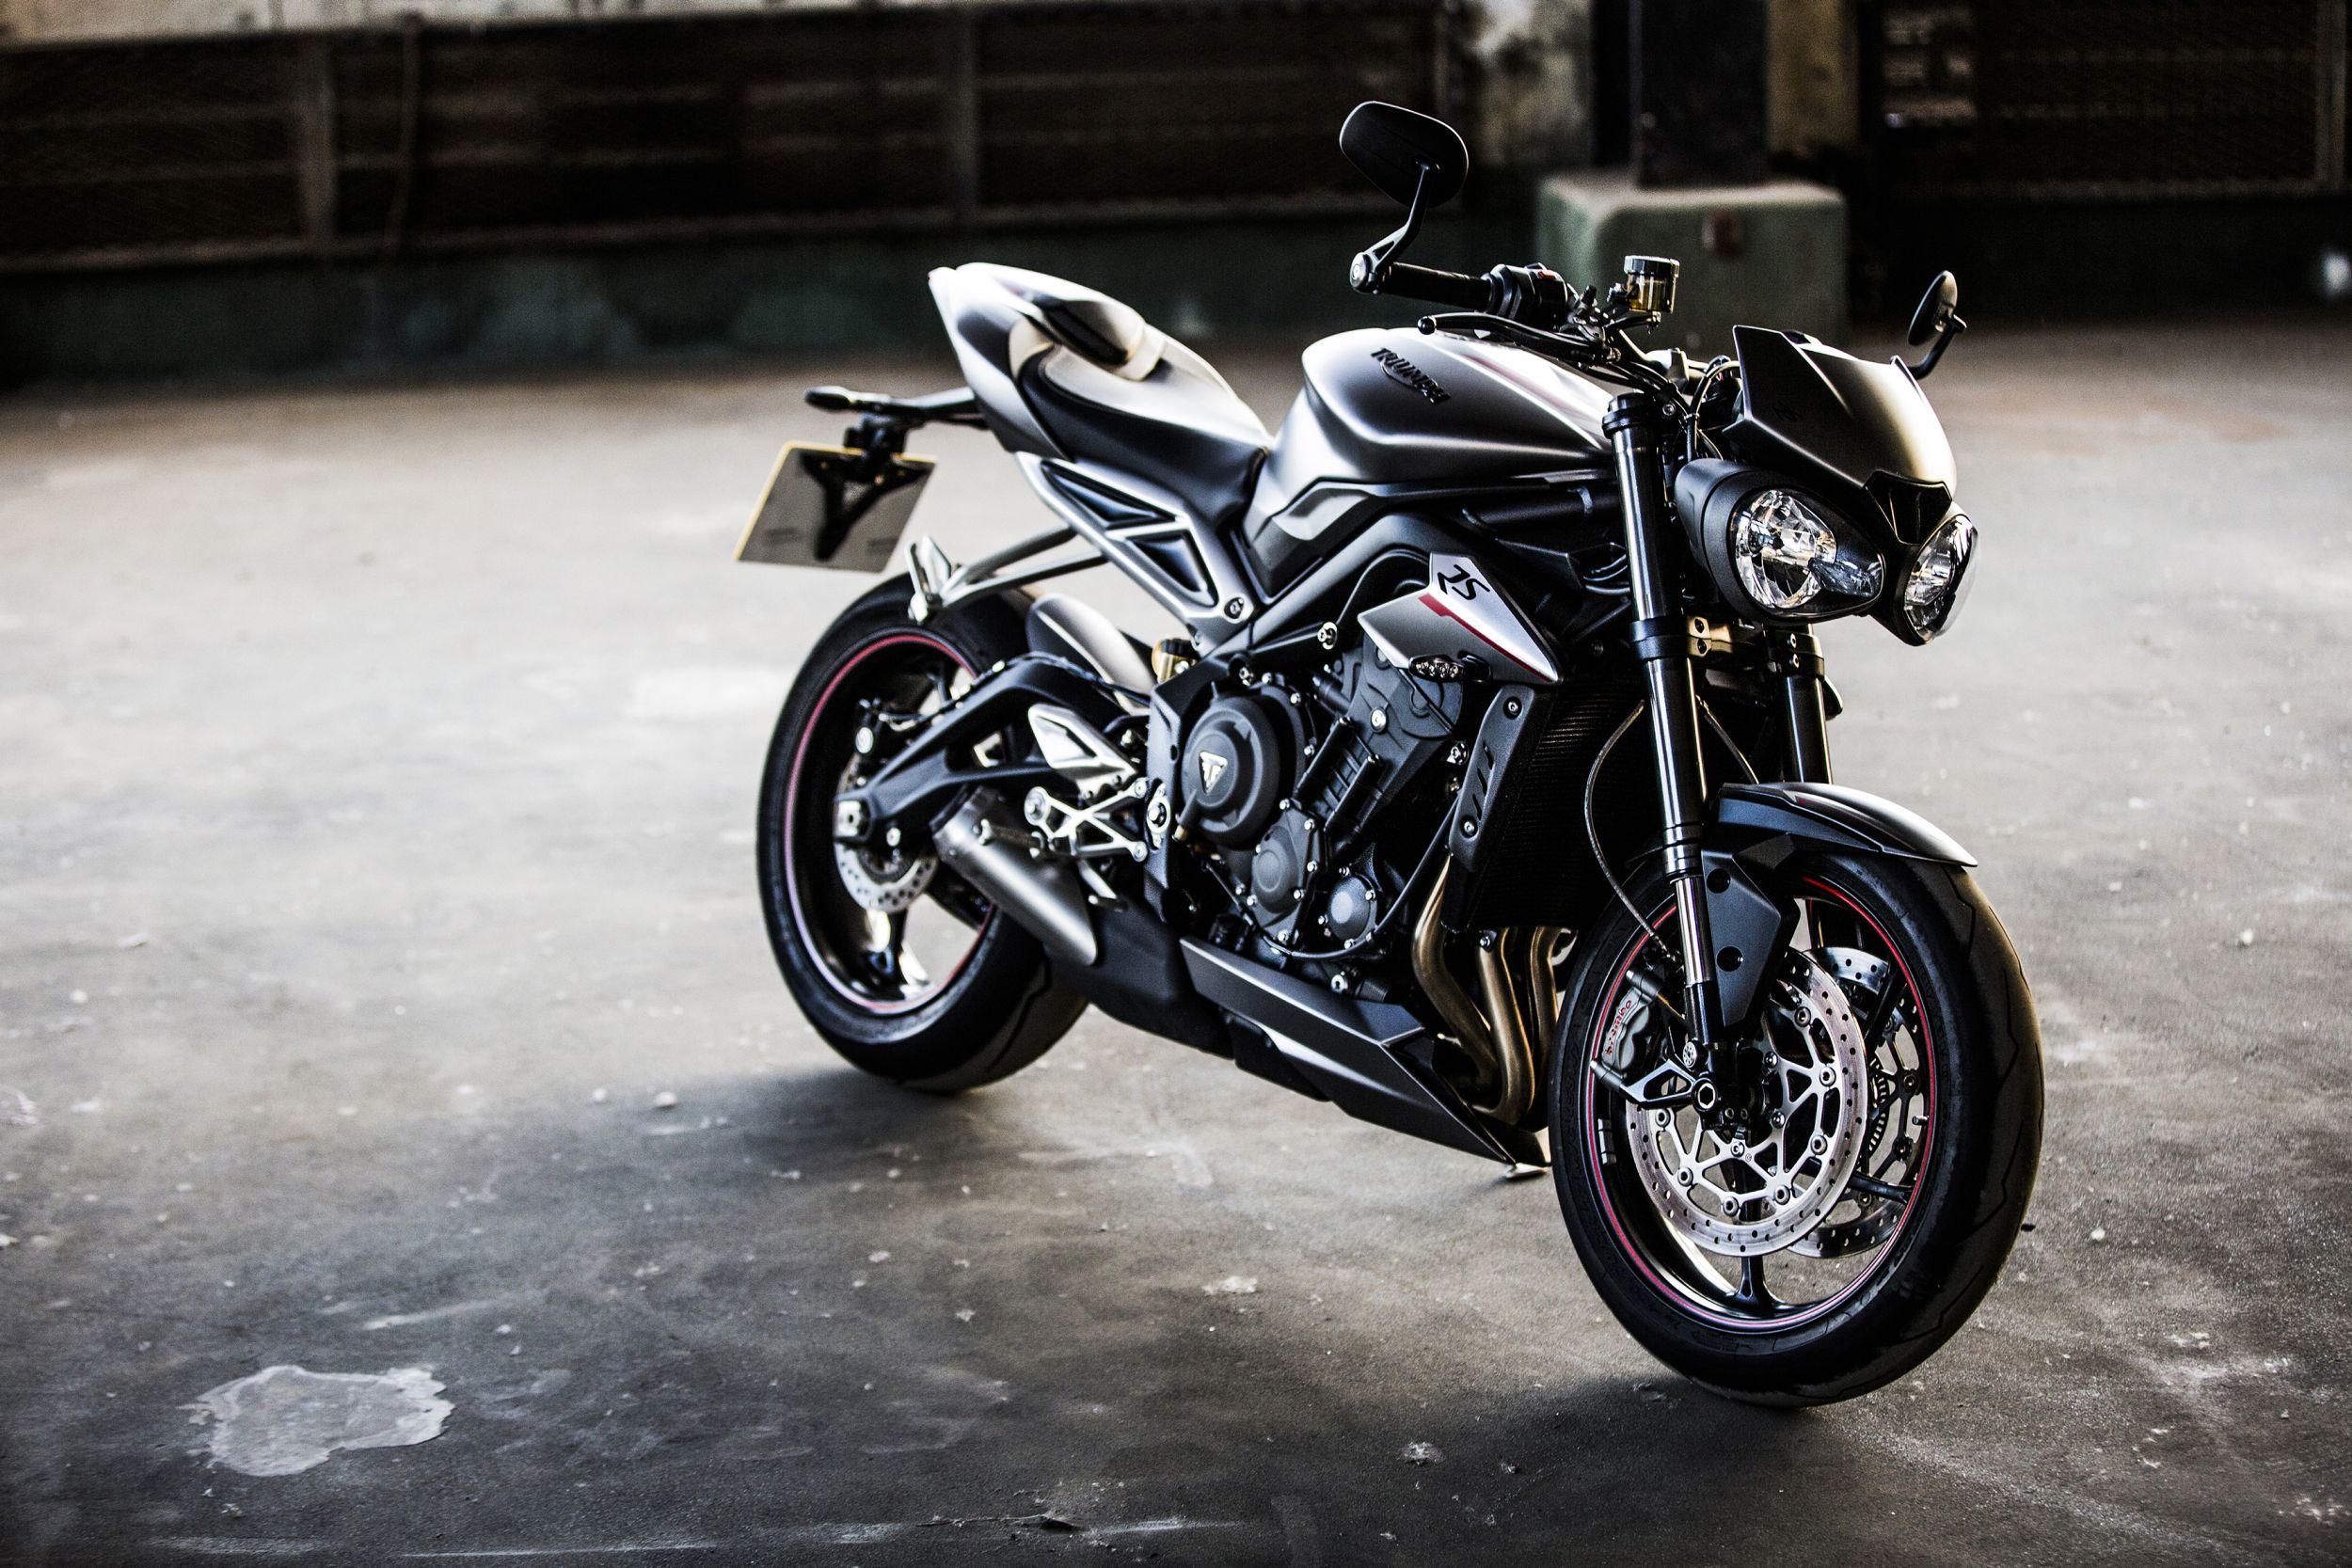 Gebrauchte Und Neue Triumph Street Triple Rs Motorräder Kaufen